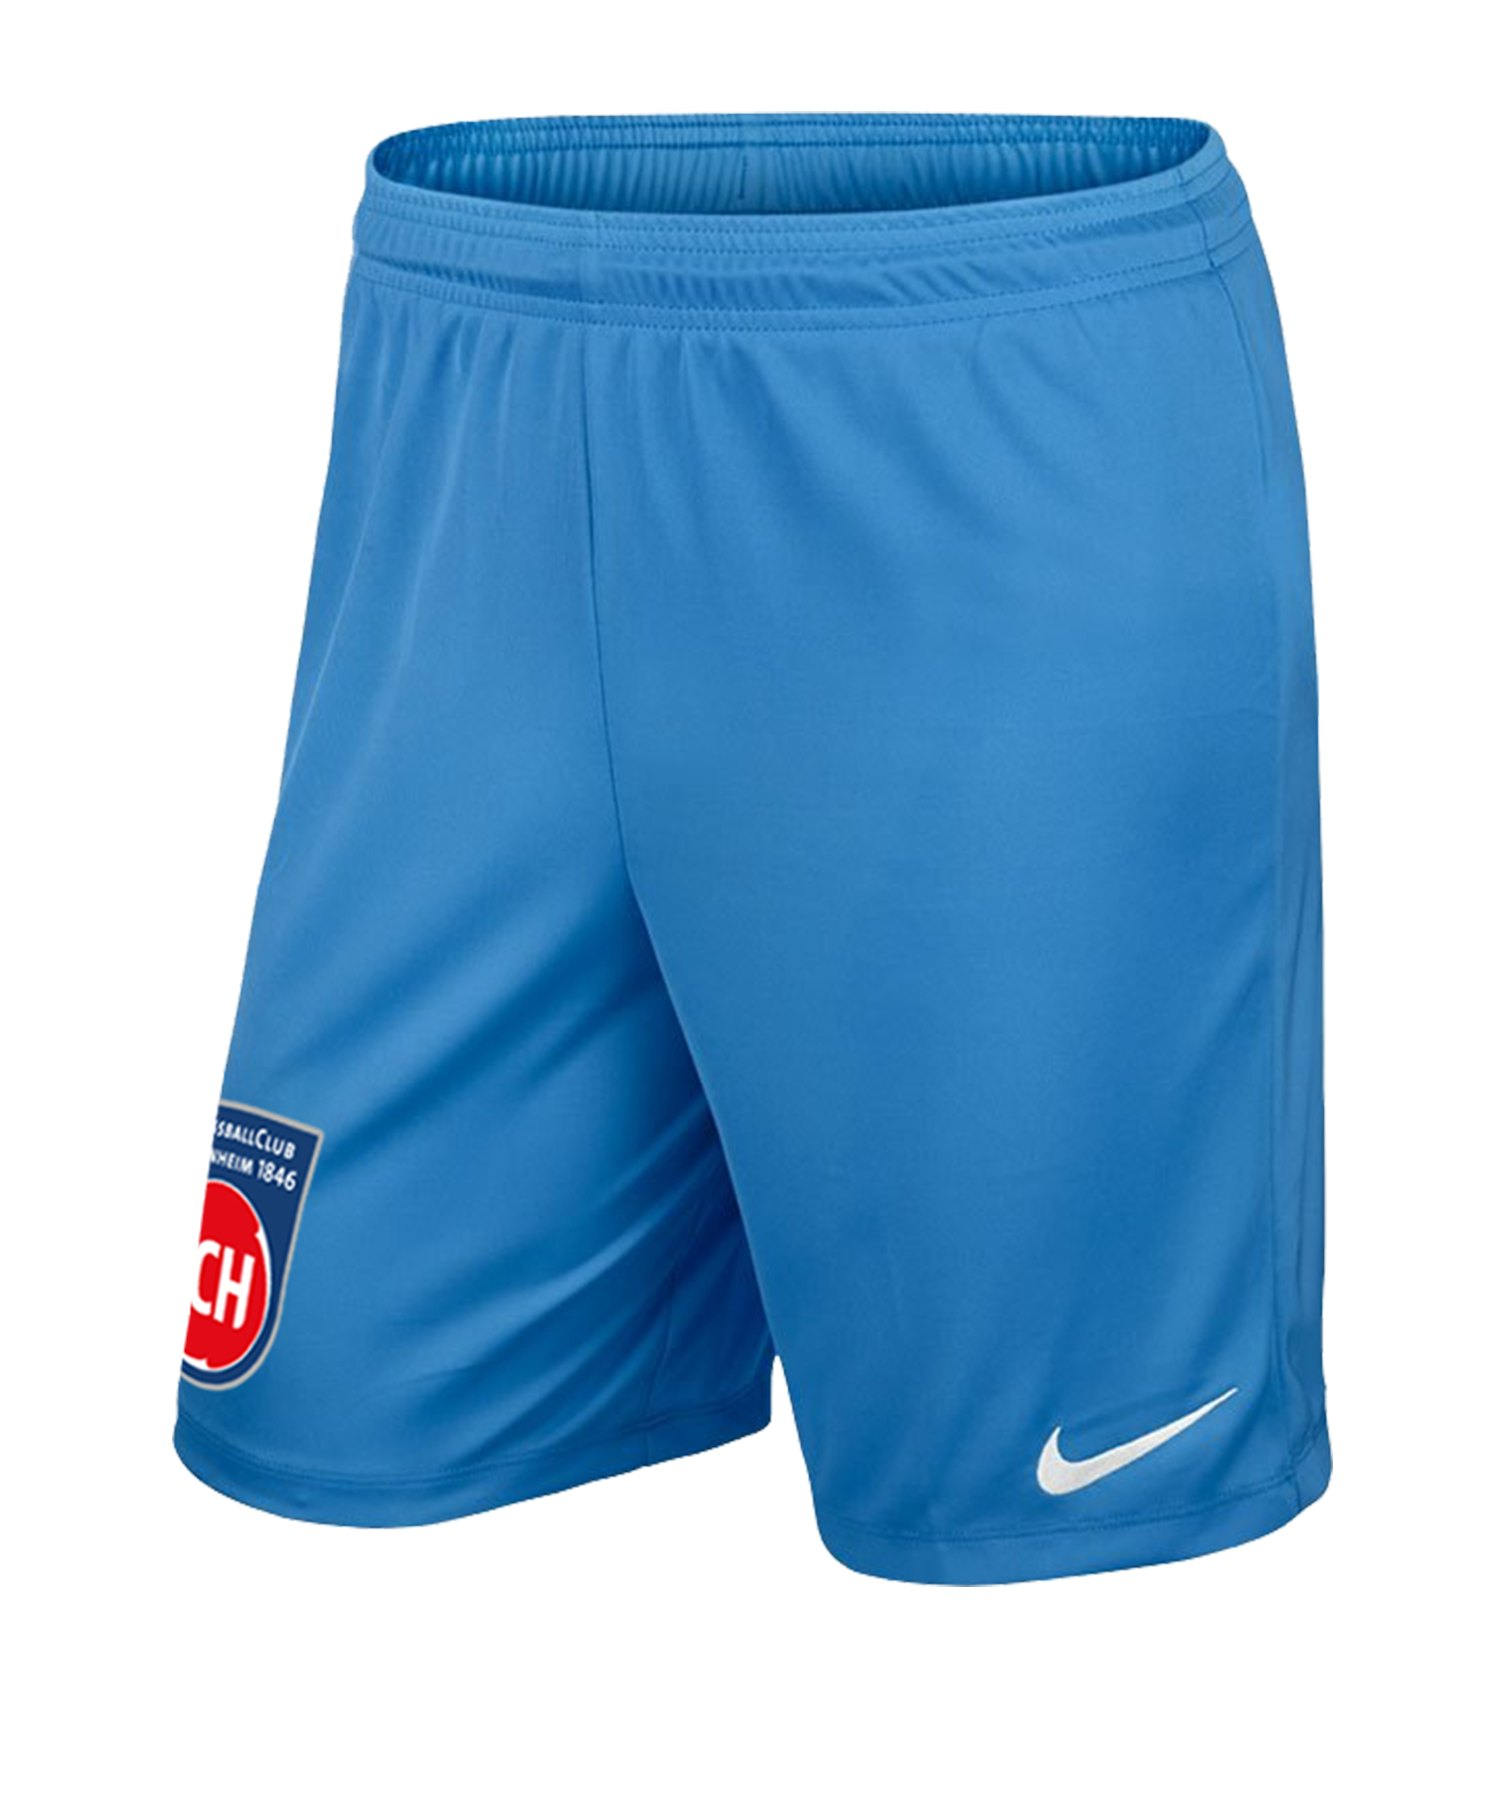 Nike 1. FC Heidenheim TW-Short Kids 2019/2020 F412 - blau